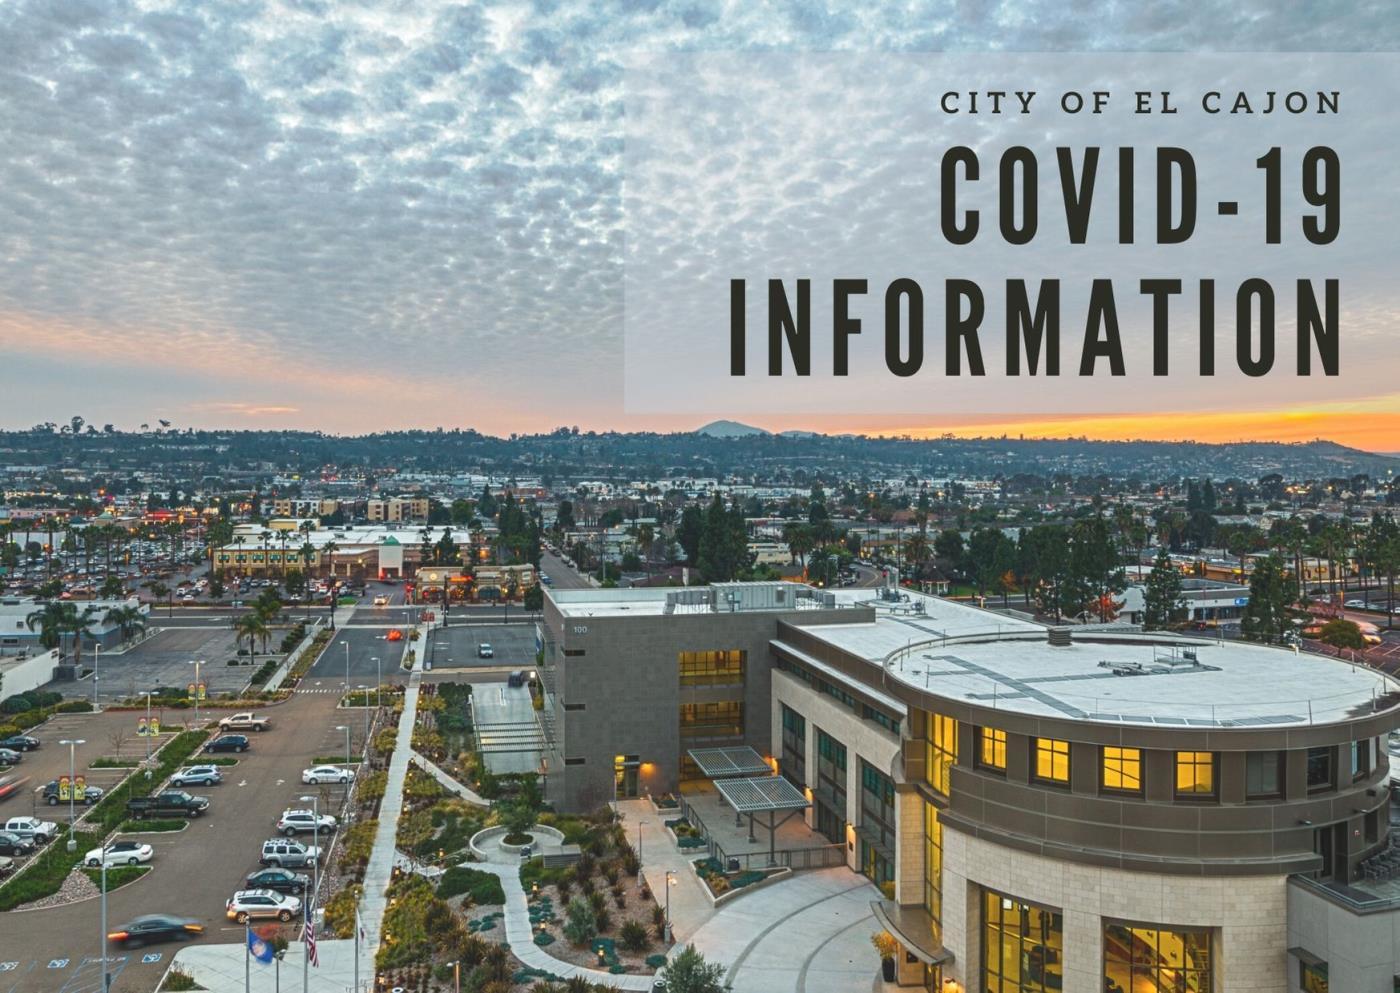 Coronavirus (COVID-19) Information | El Cajon, CA